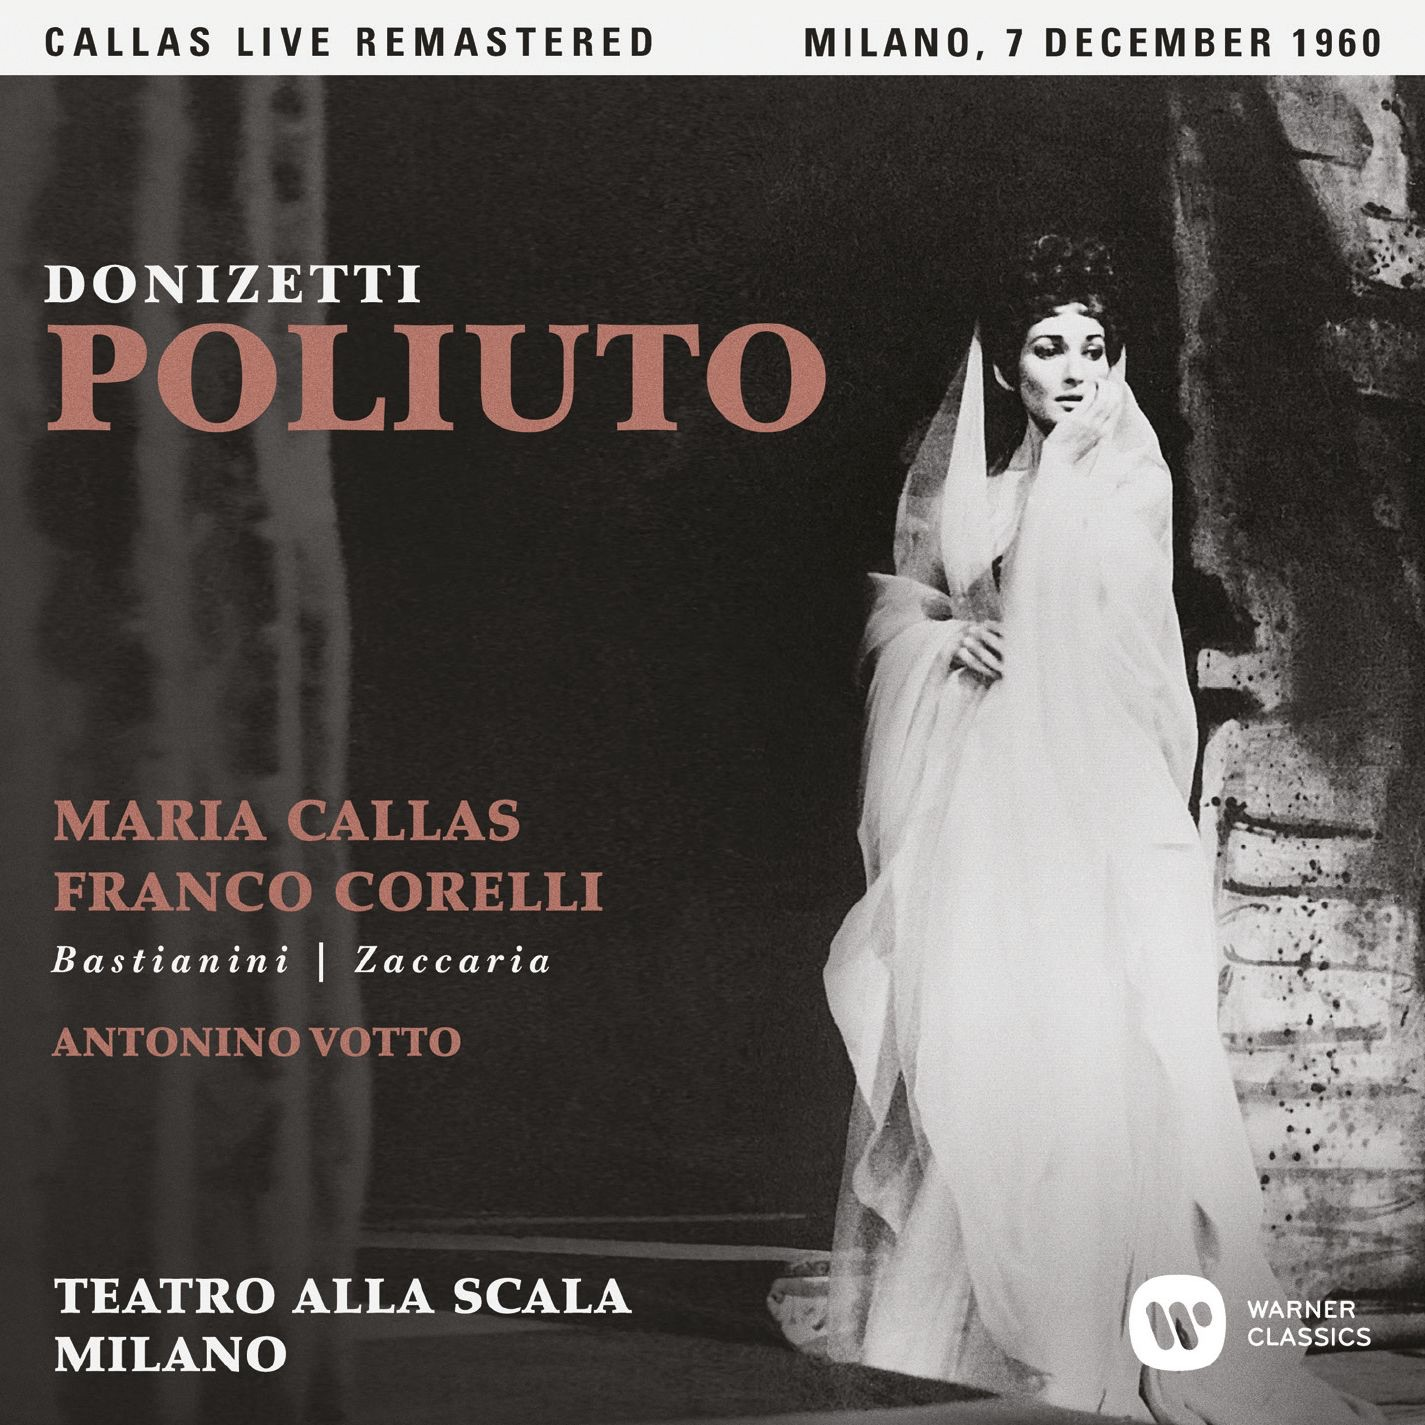 Donizetti: Poliuto (1960 - Milan) - Callas Live Remastered